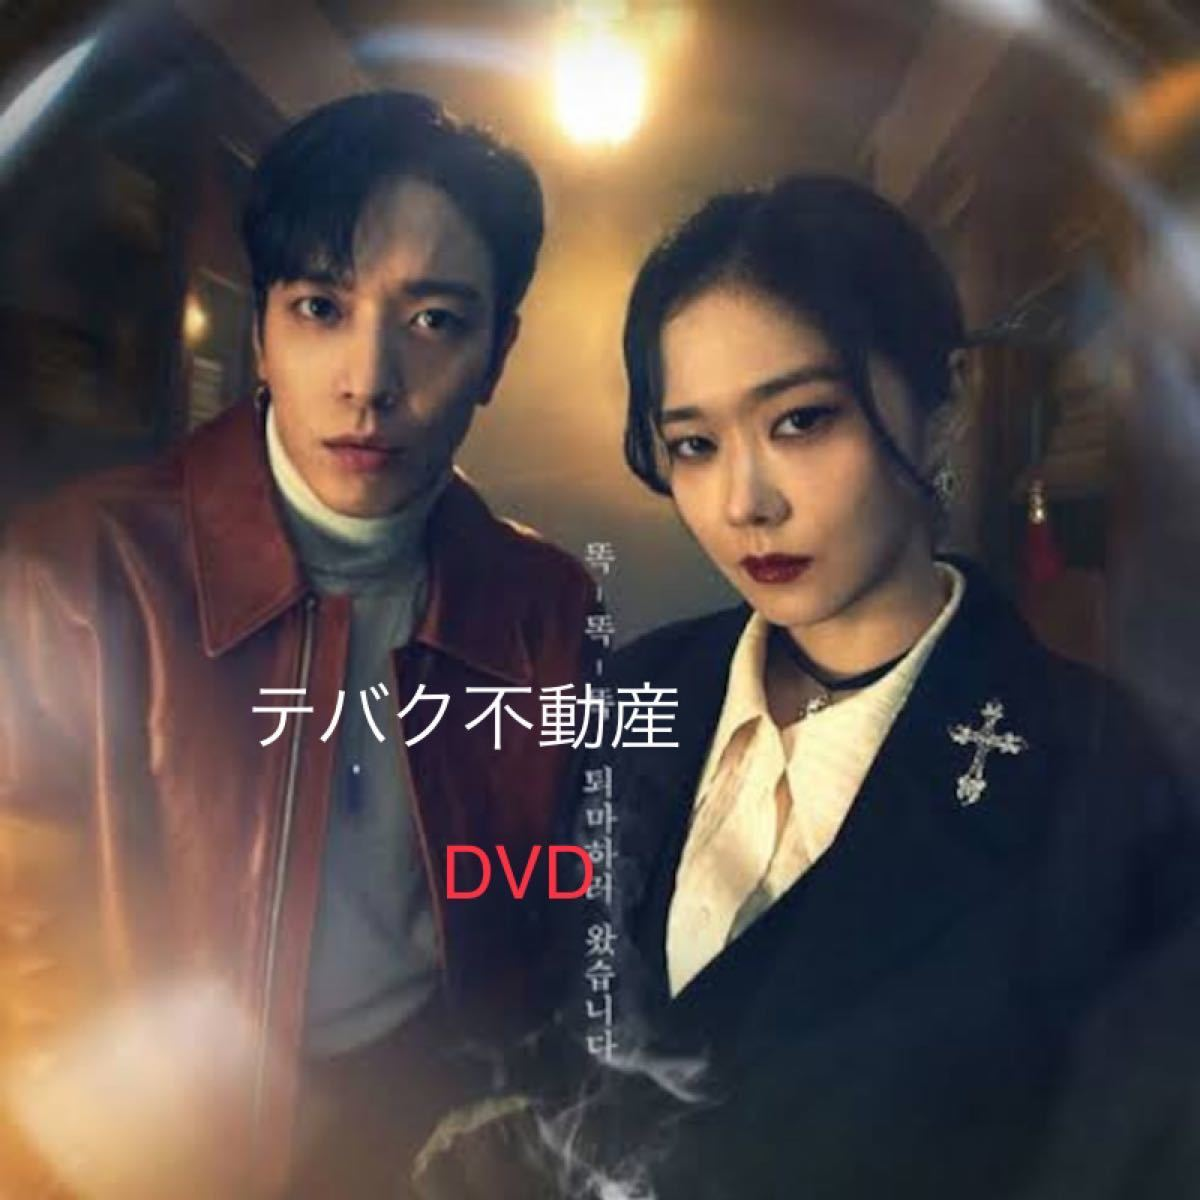 韓国ドラマ テバク不動産 DVD『レーベル印刷有り』全話